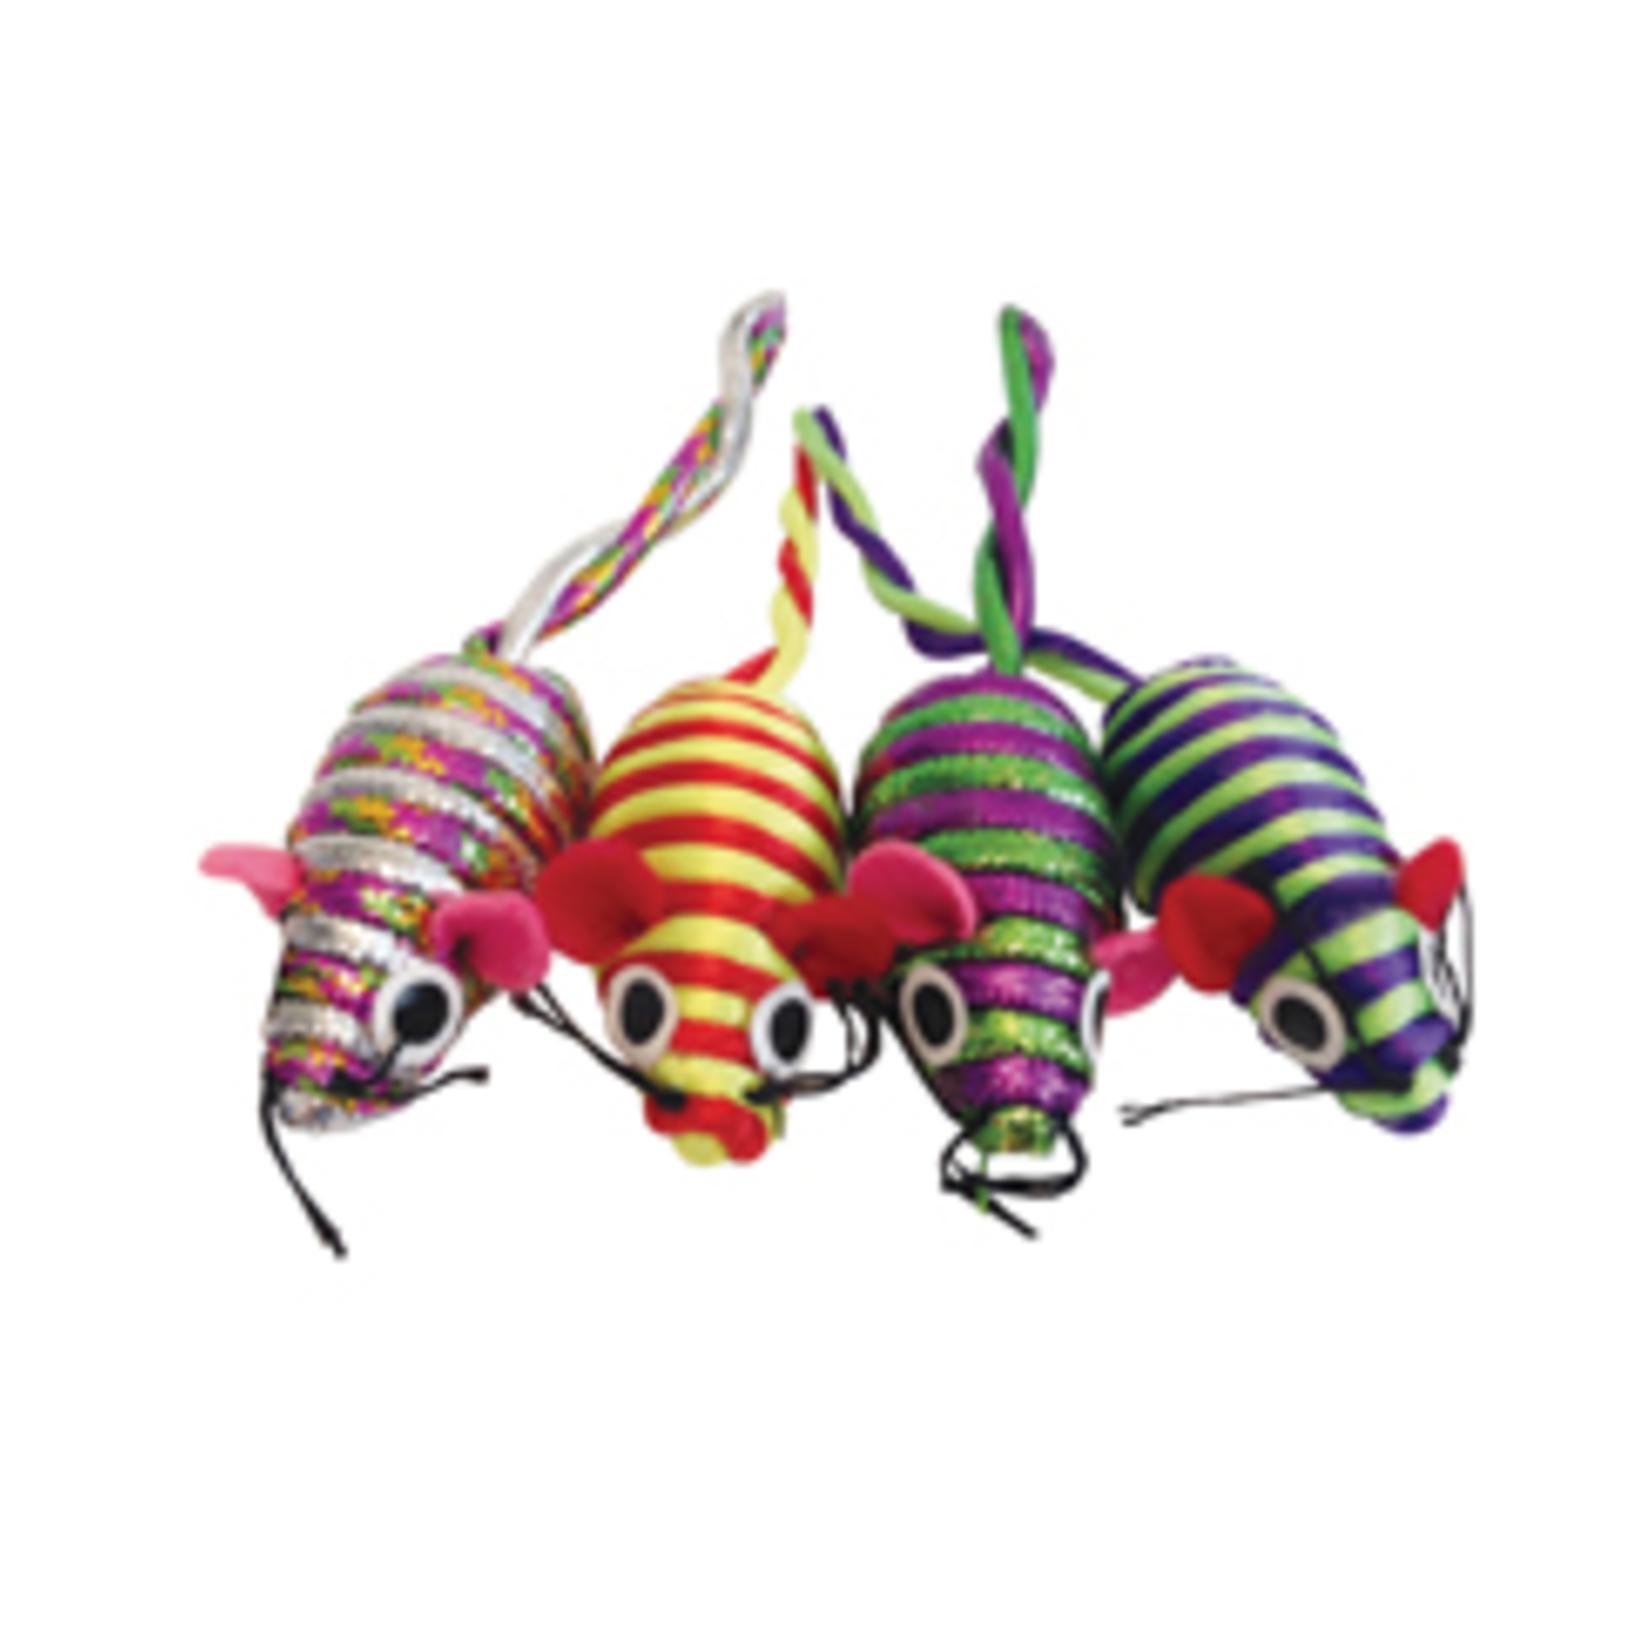 Cat Love Glitter Stripe Catnip Mice - 4 pieces included